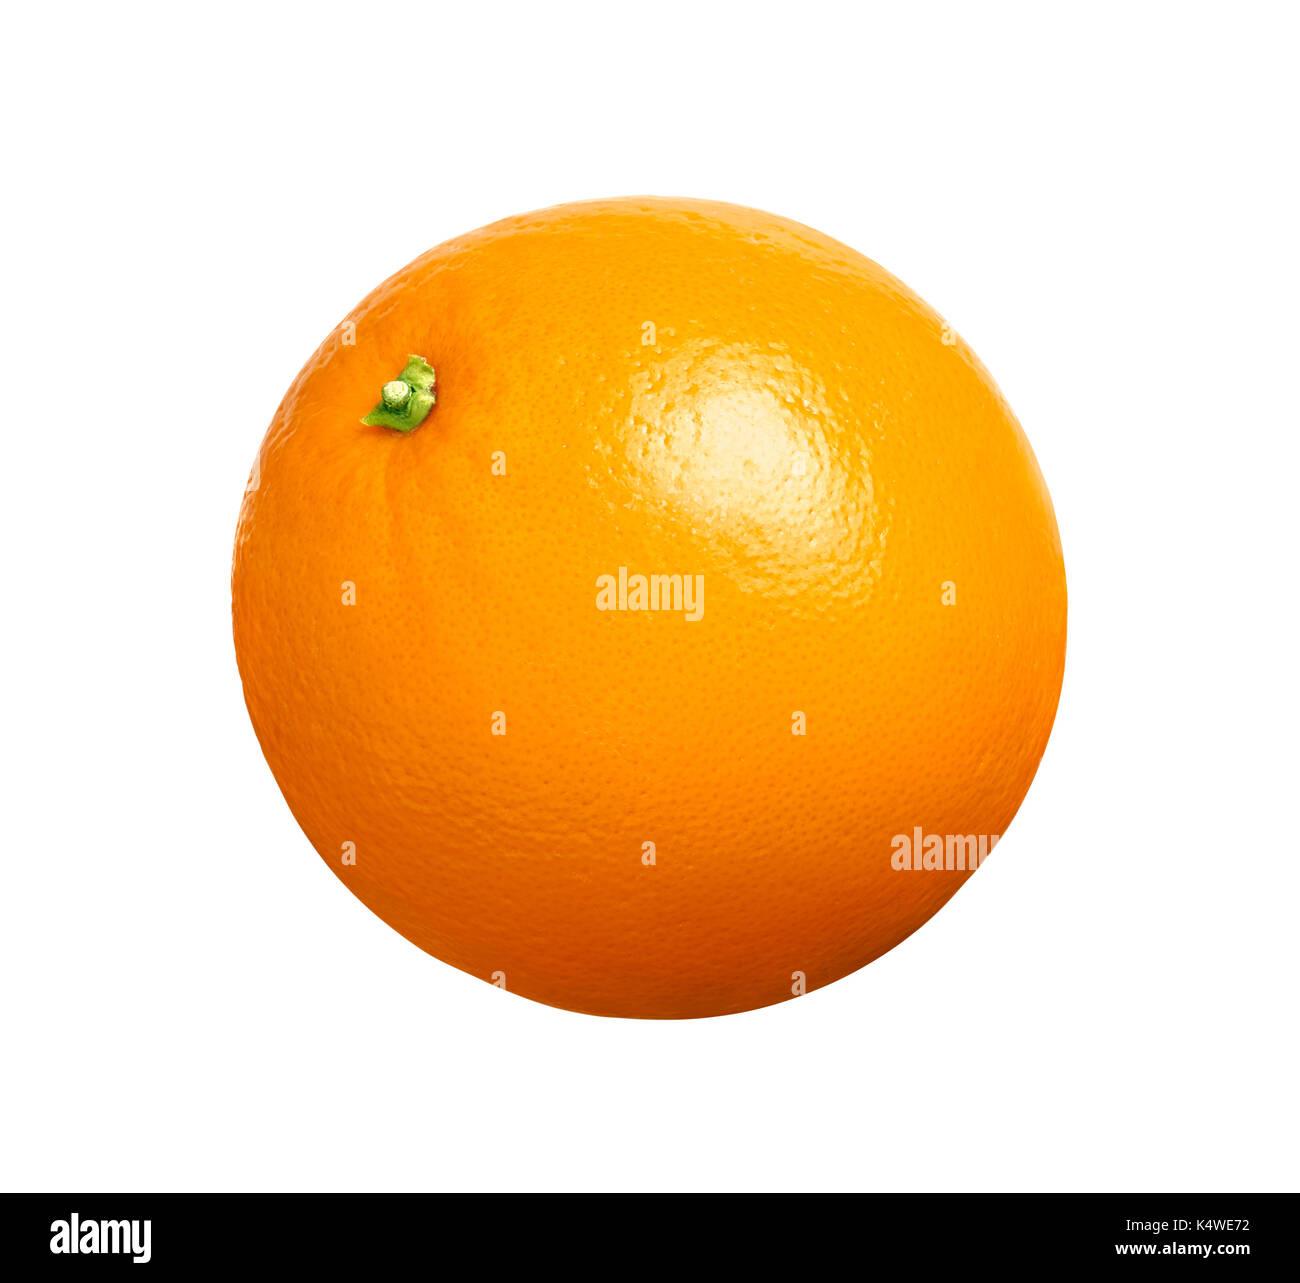 Oranges isolated on white background - Stock Image